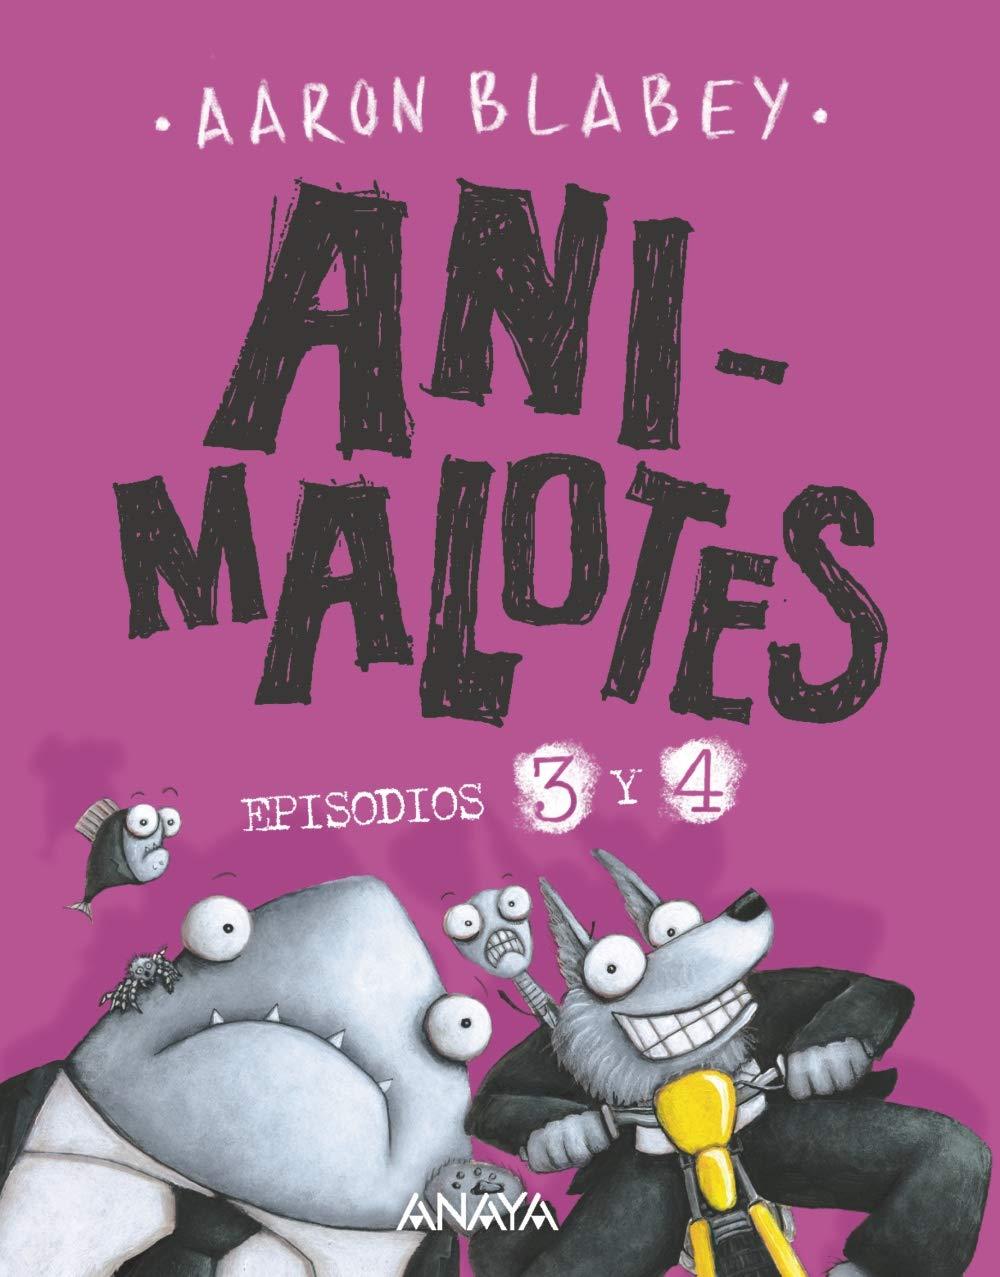 Animalotes: La pelusilla contraataca / El ataque de los gatetes CÓMIC - Animalotes: Amazon.es: Blabey, Aaron, Valero Martínez, Jaime: Libros